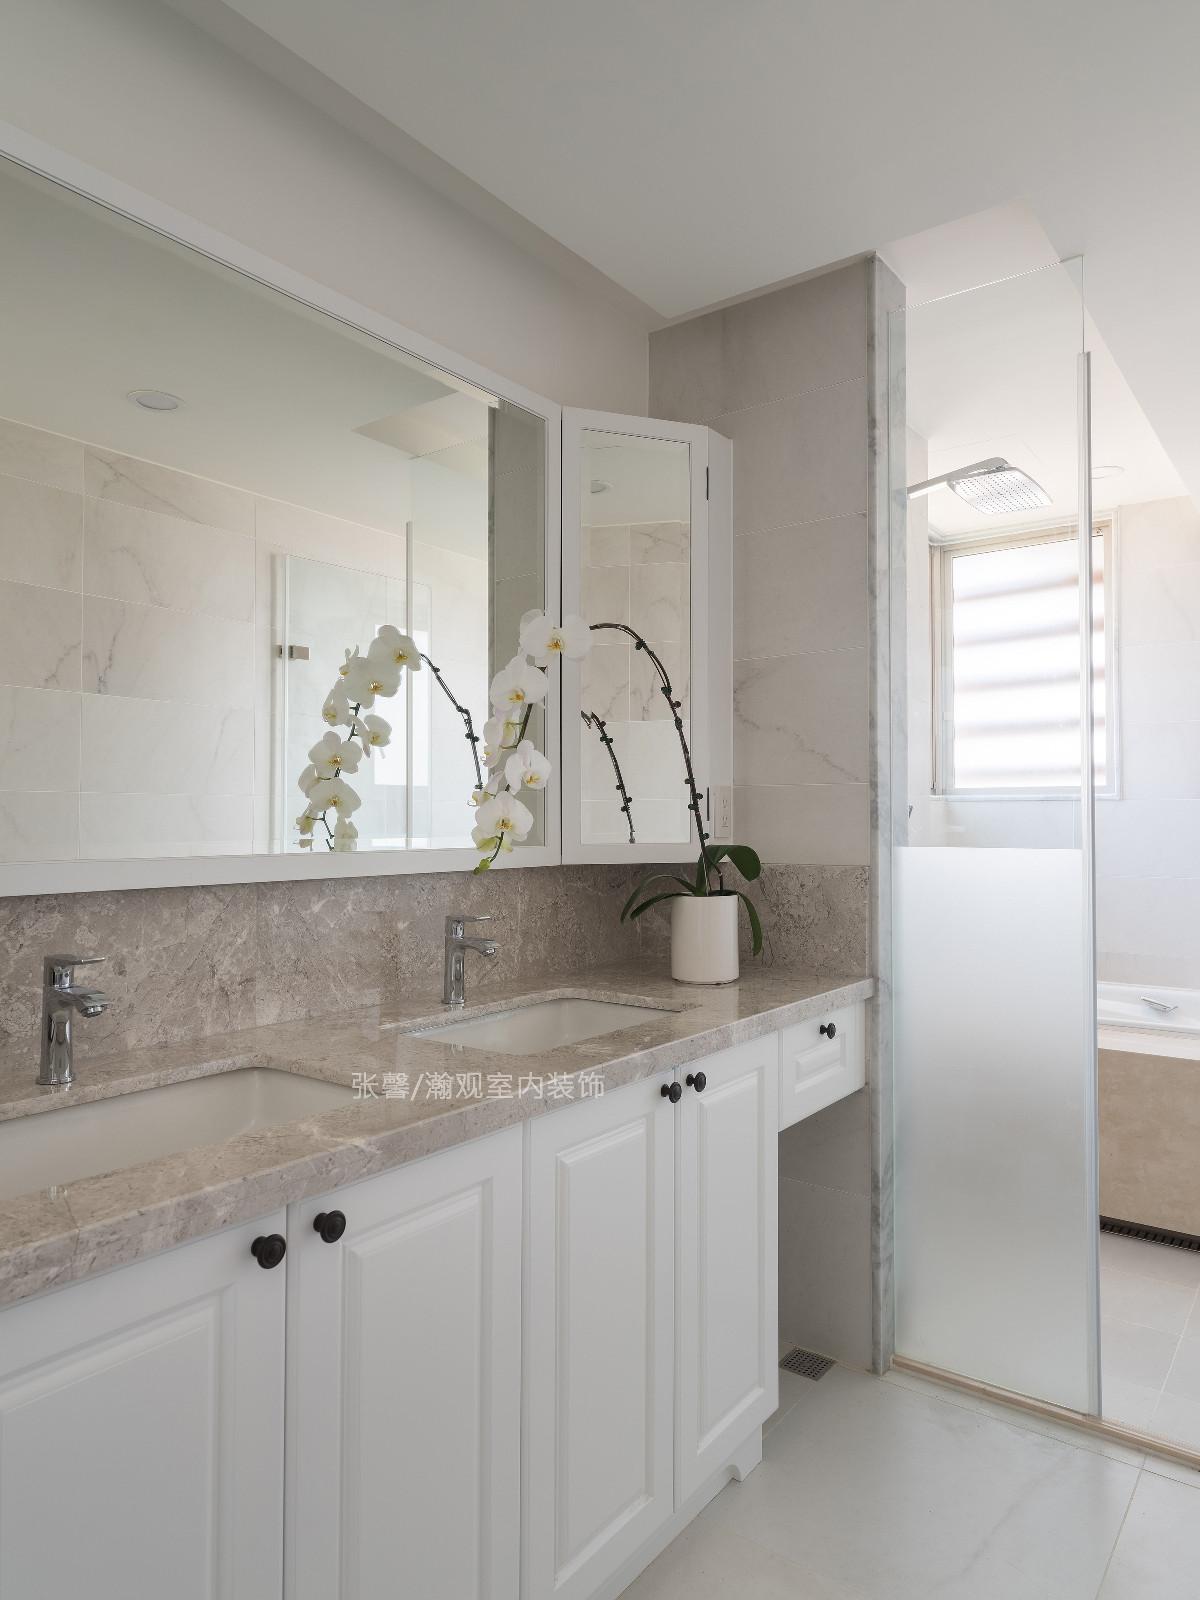 卫浴空间以白色为主,增设斜角镜柜及下方柜体,满足收纳机能,而特意备有两个洗手槽,方便屋主夫妻同时梳洗,不浪费时间等待。